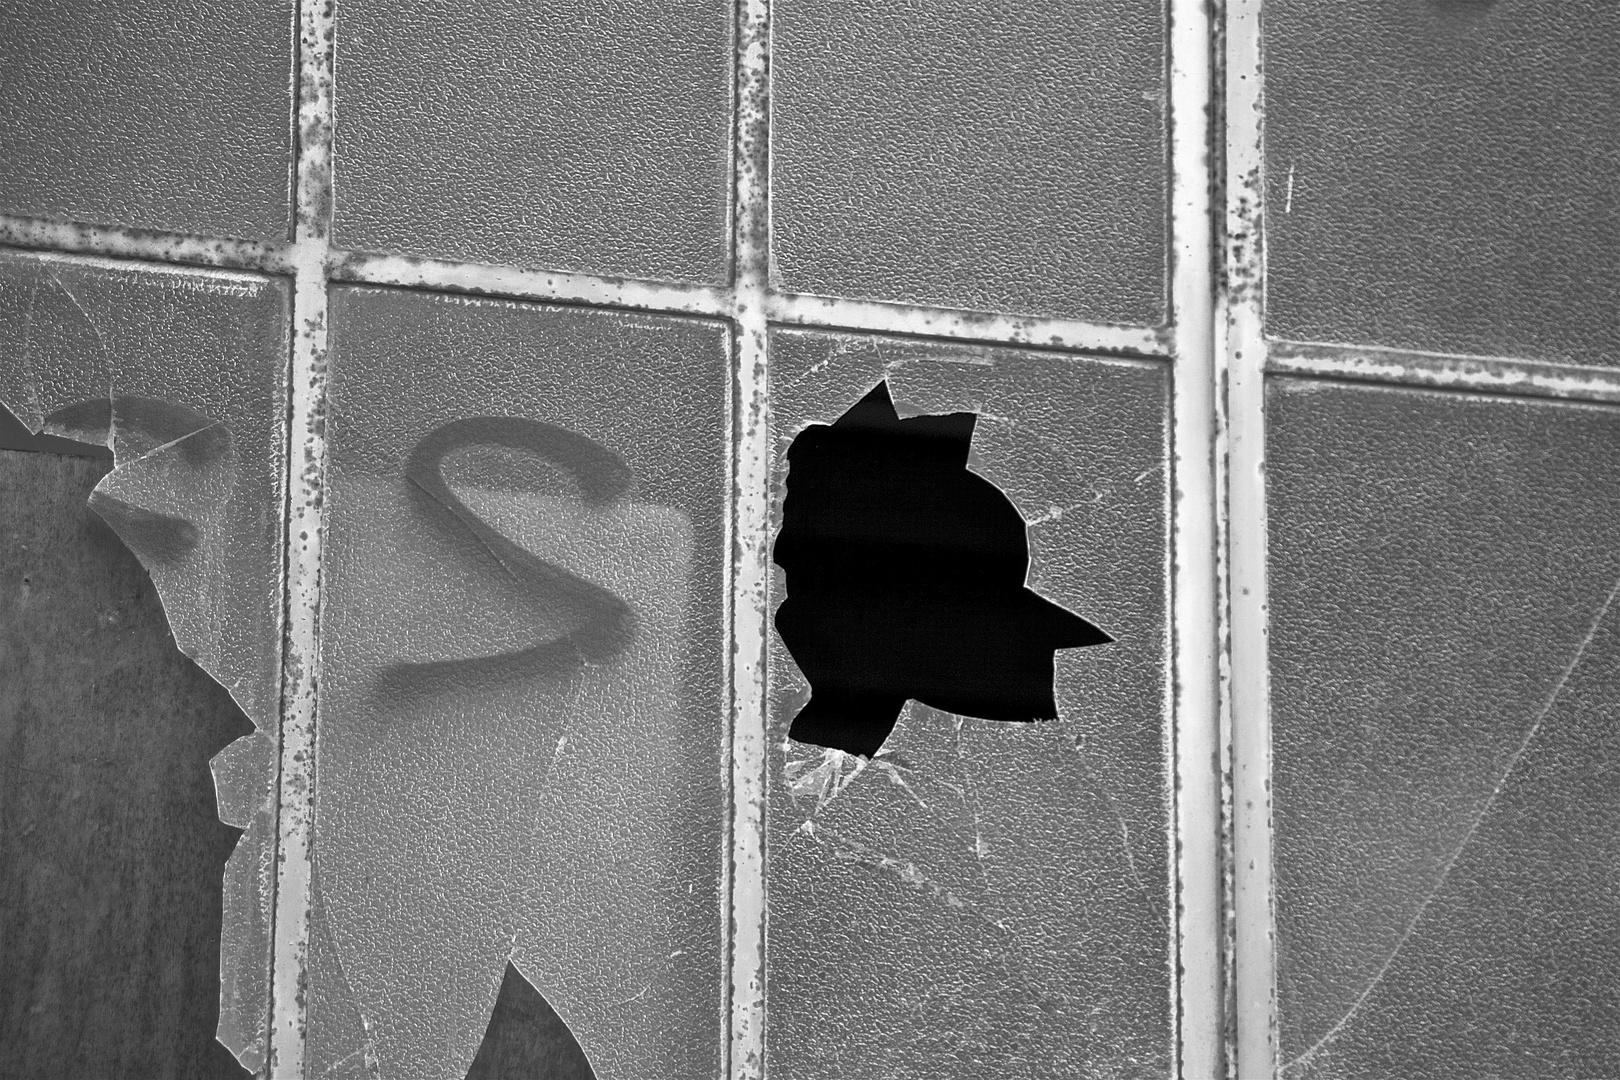 Le visage sur la vitre vandalisée.